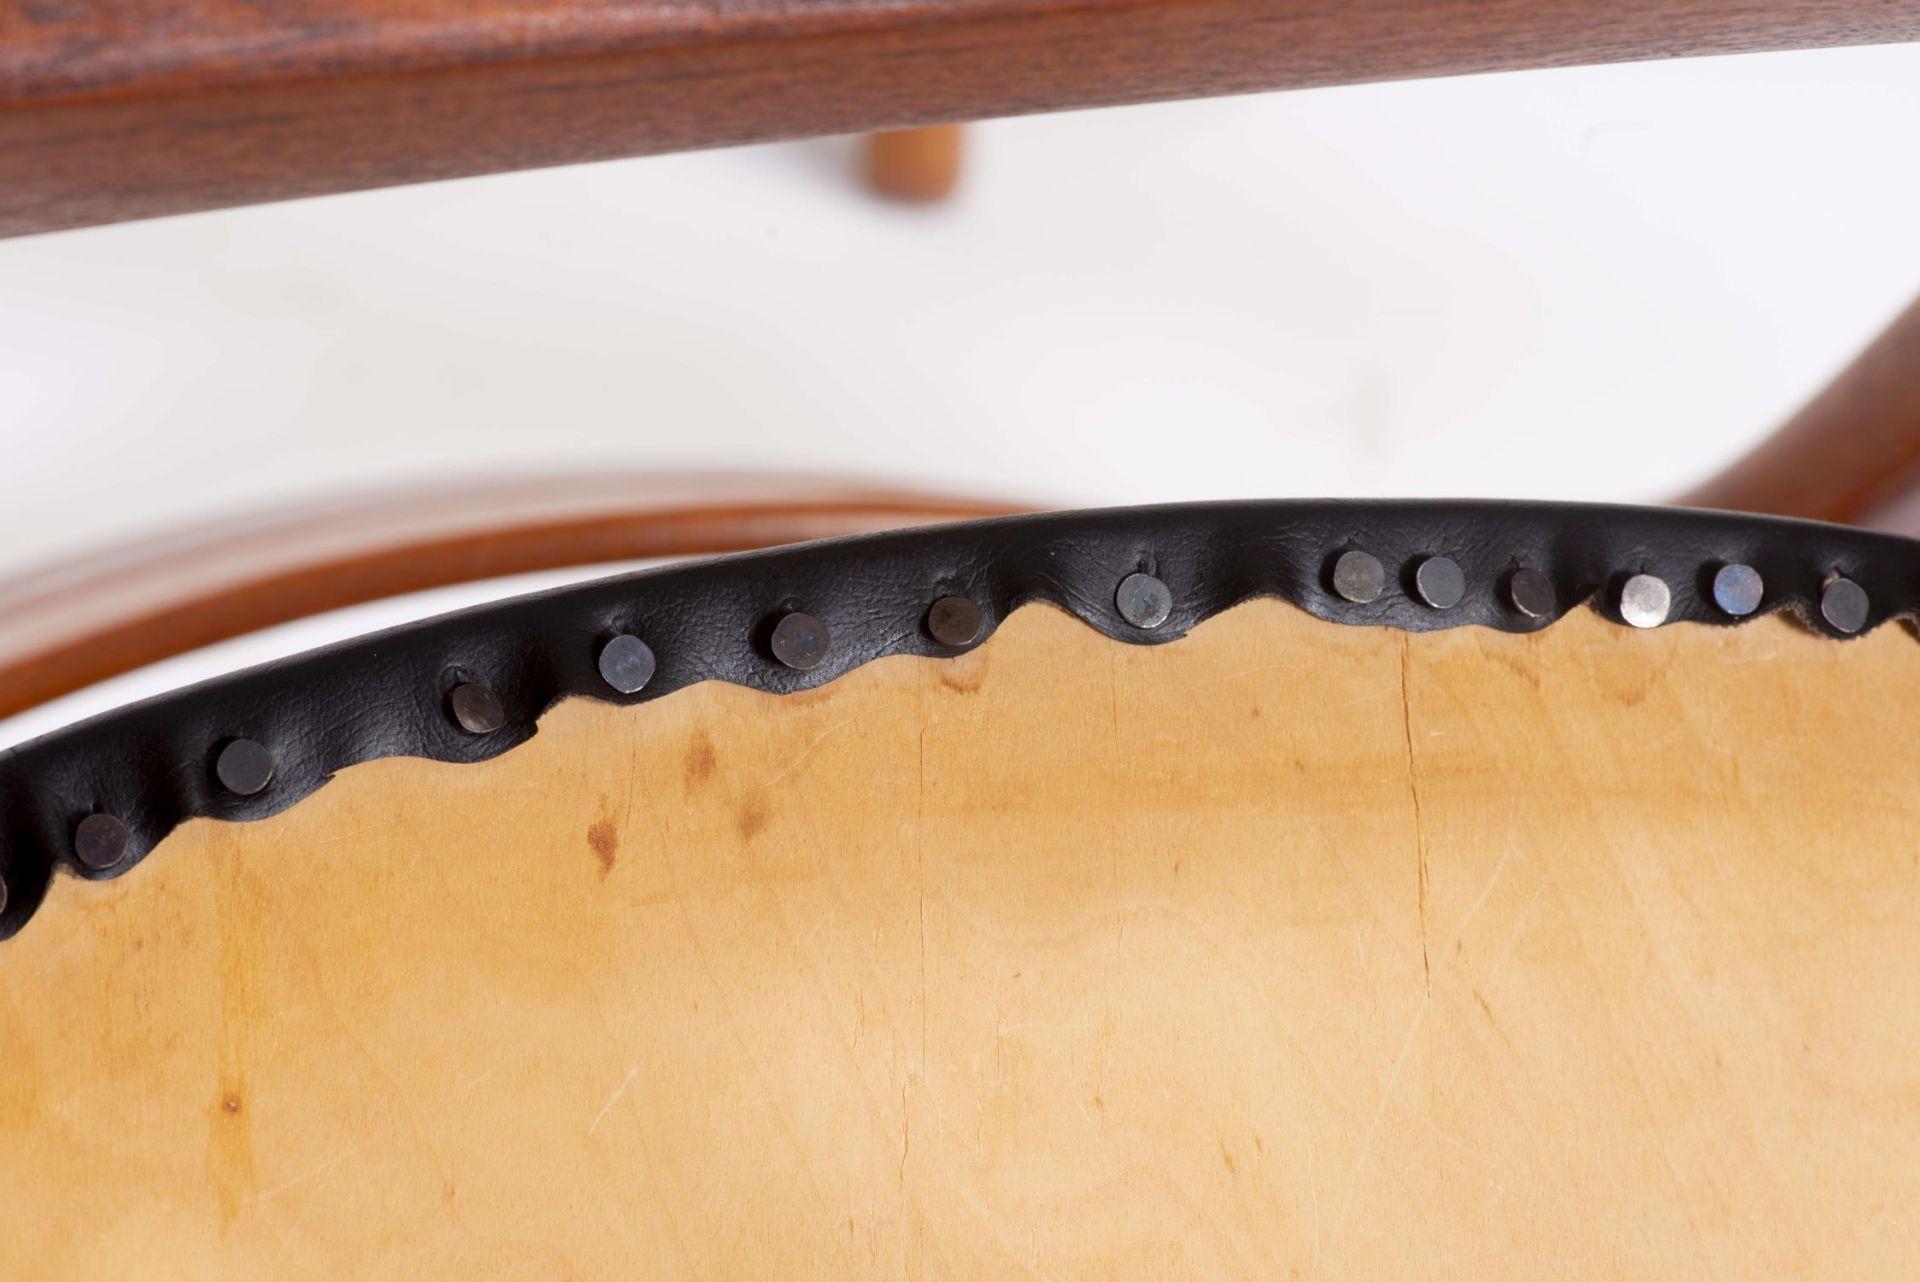 Quatre chaises en teck et deux fauteuils en chêne de style scandinave - Bild 9 aus 9